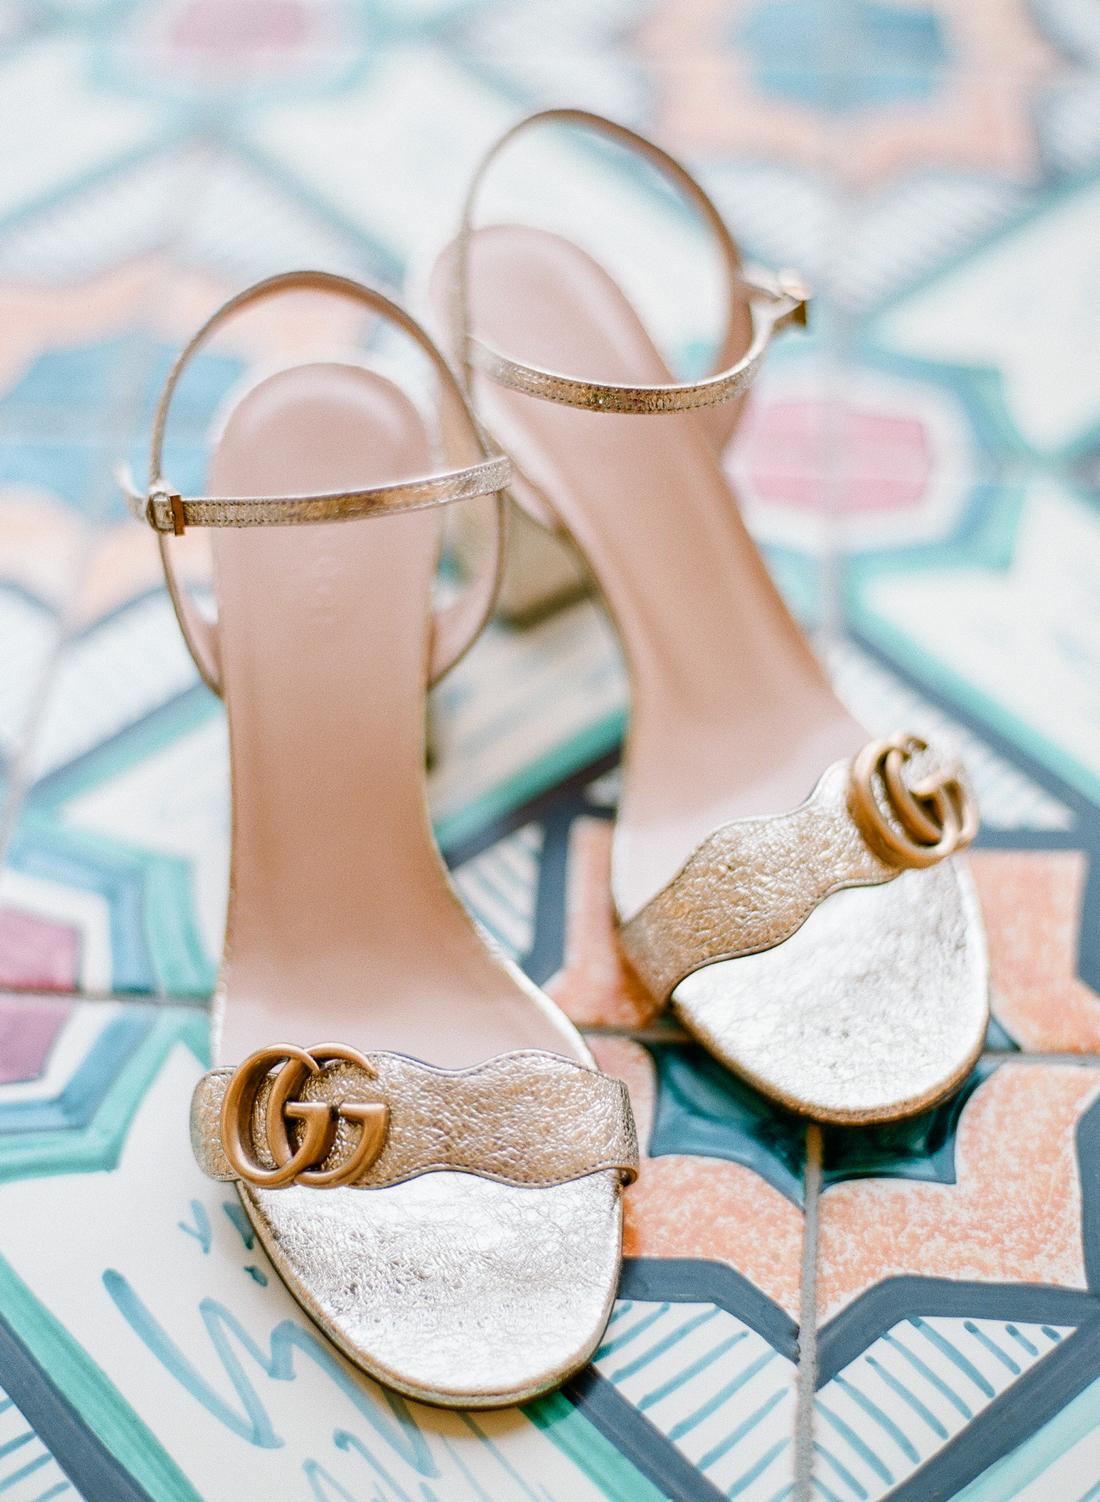 block heel gold gucci heels